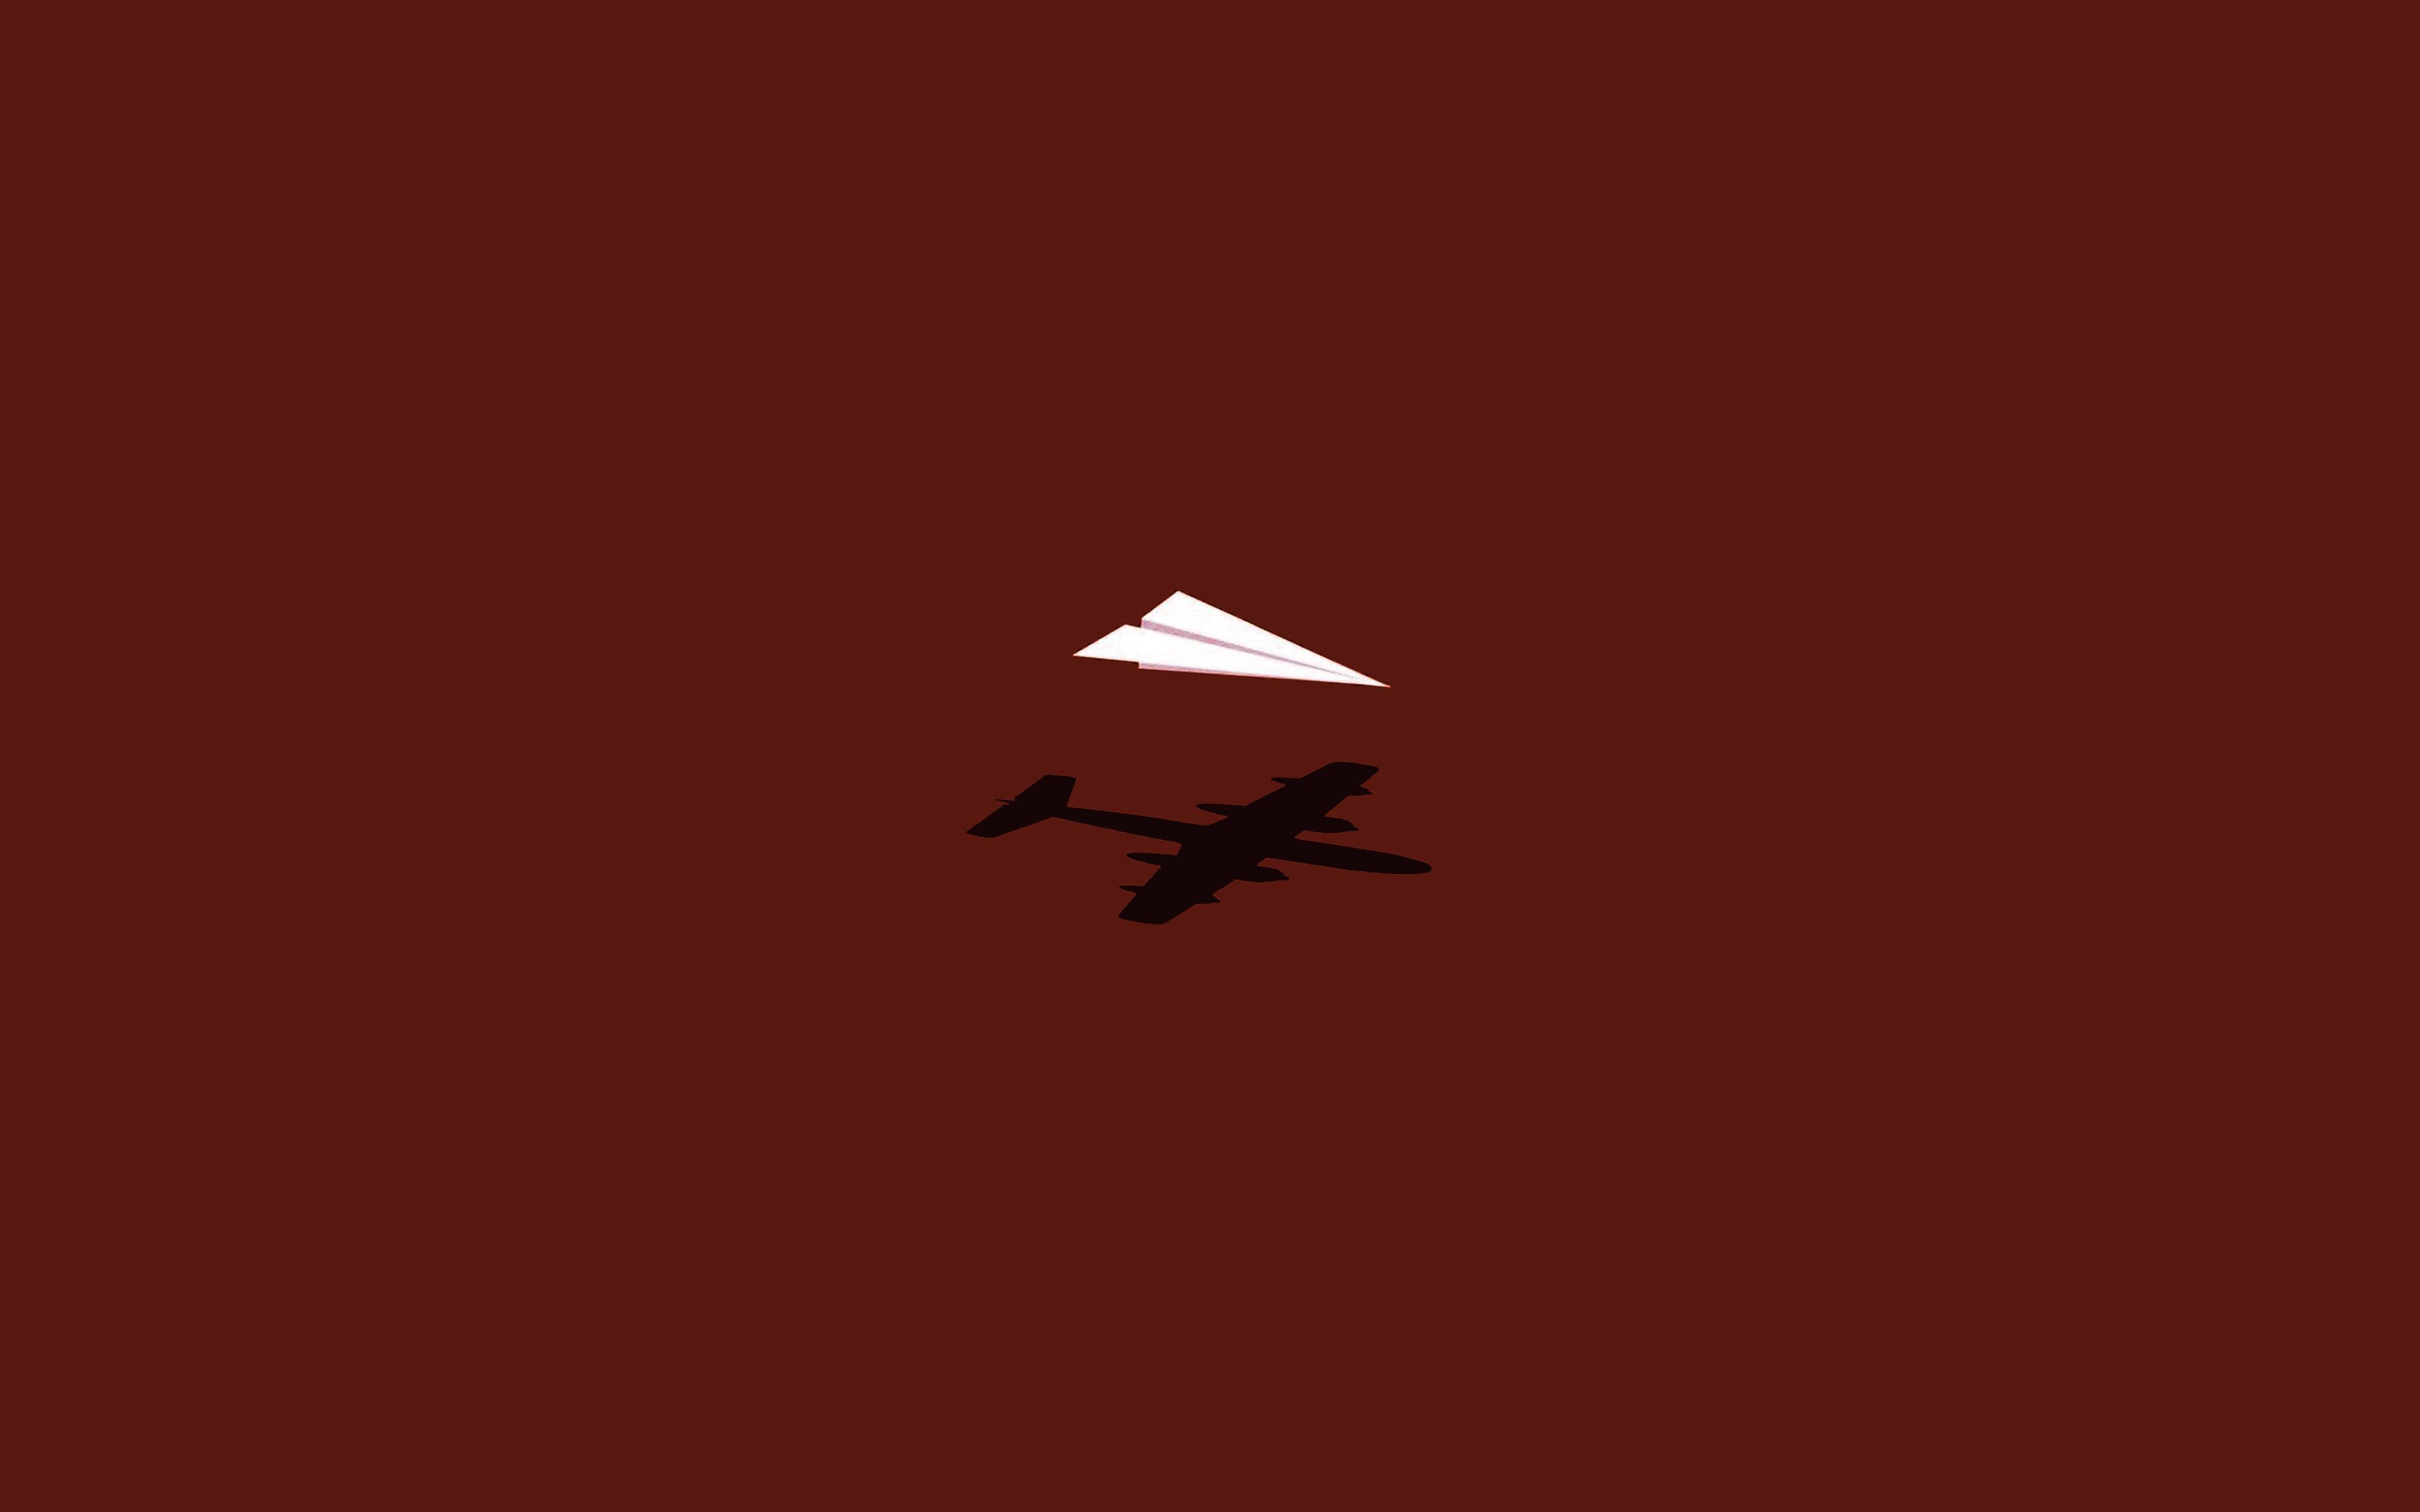 Minimalist Parallax Hd Iphone Ipad Wallpaper: Af23-rc-plane-minimal-red-art-illust-cute